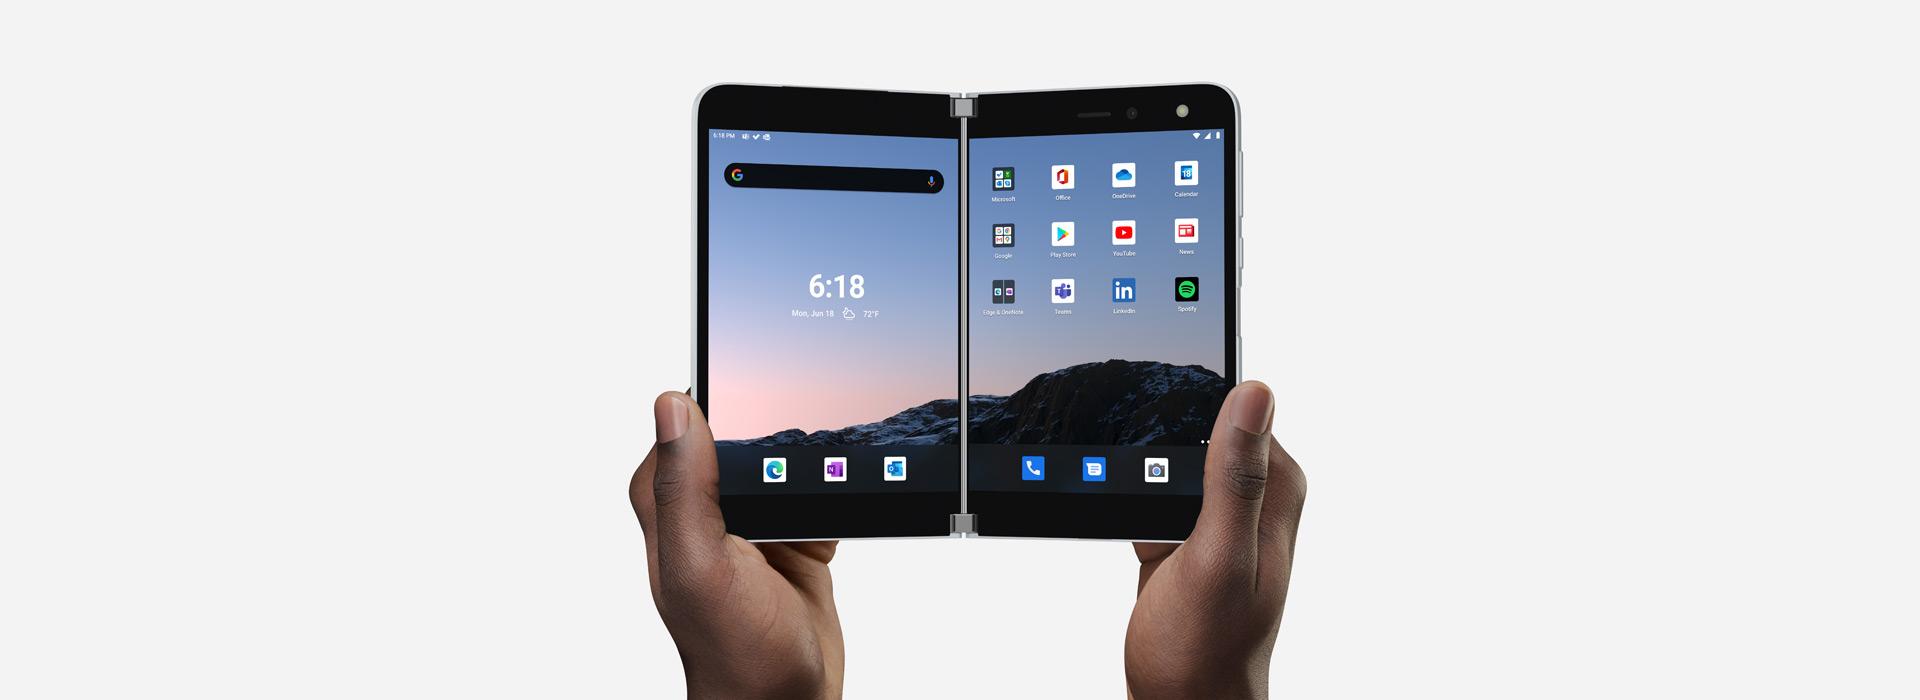 Surface Duo åbnet for at vise dobbeltskærme